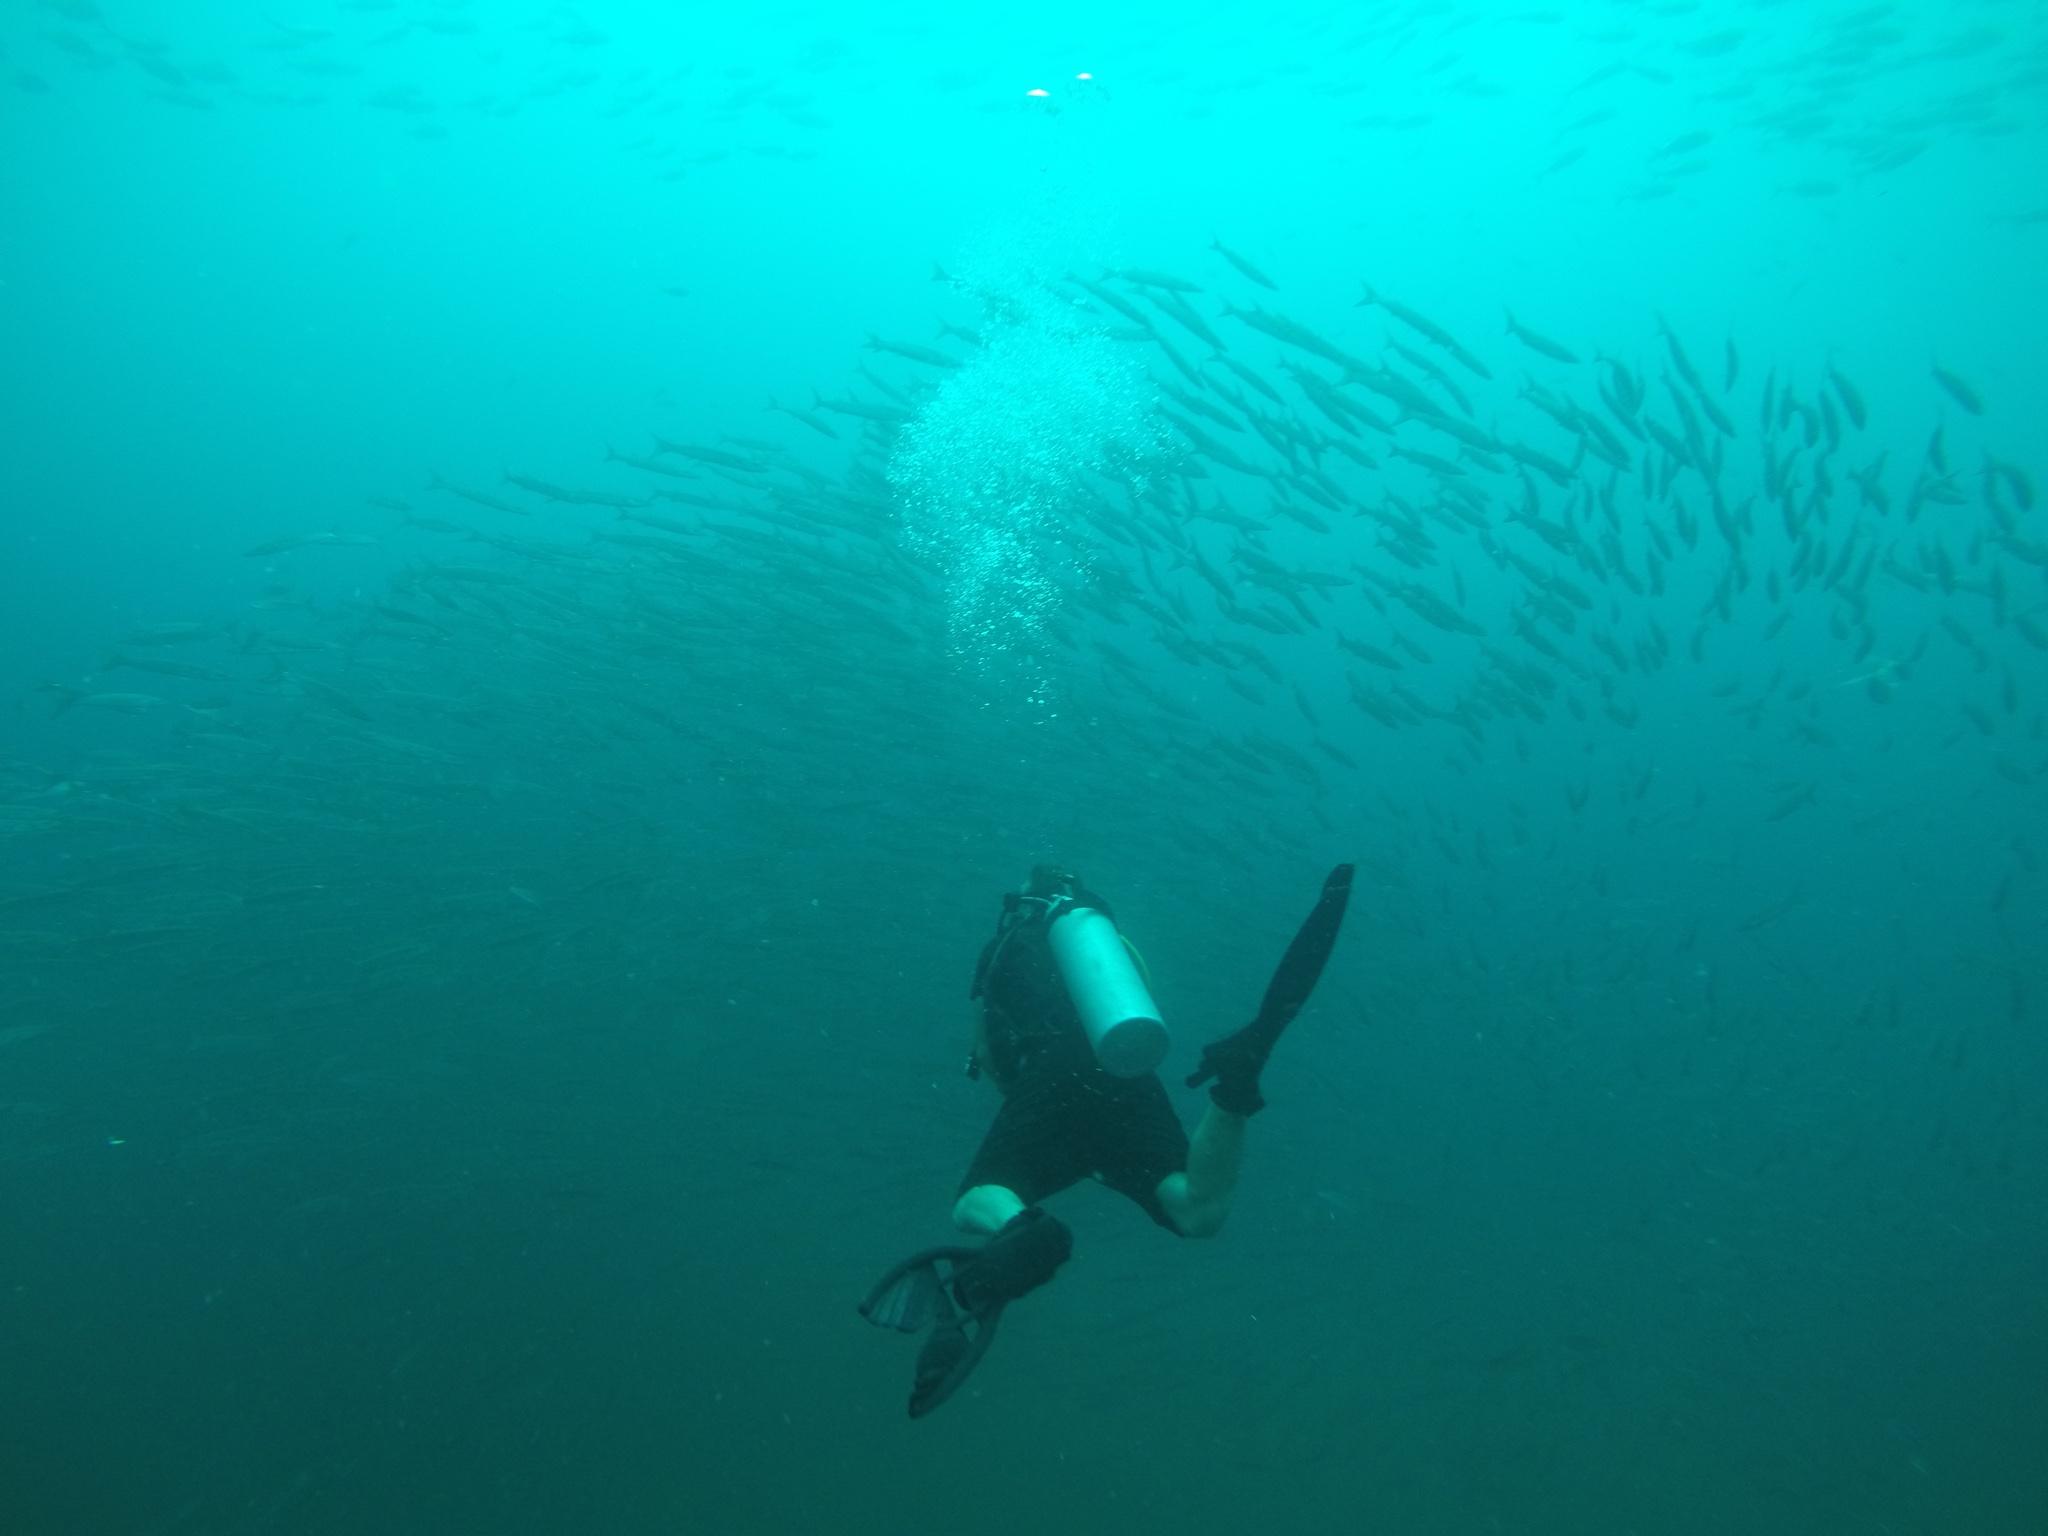 Fish chasing